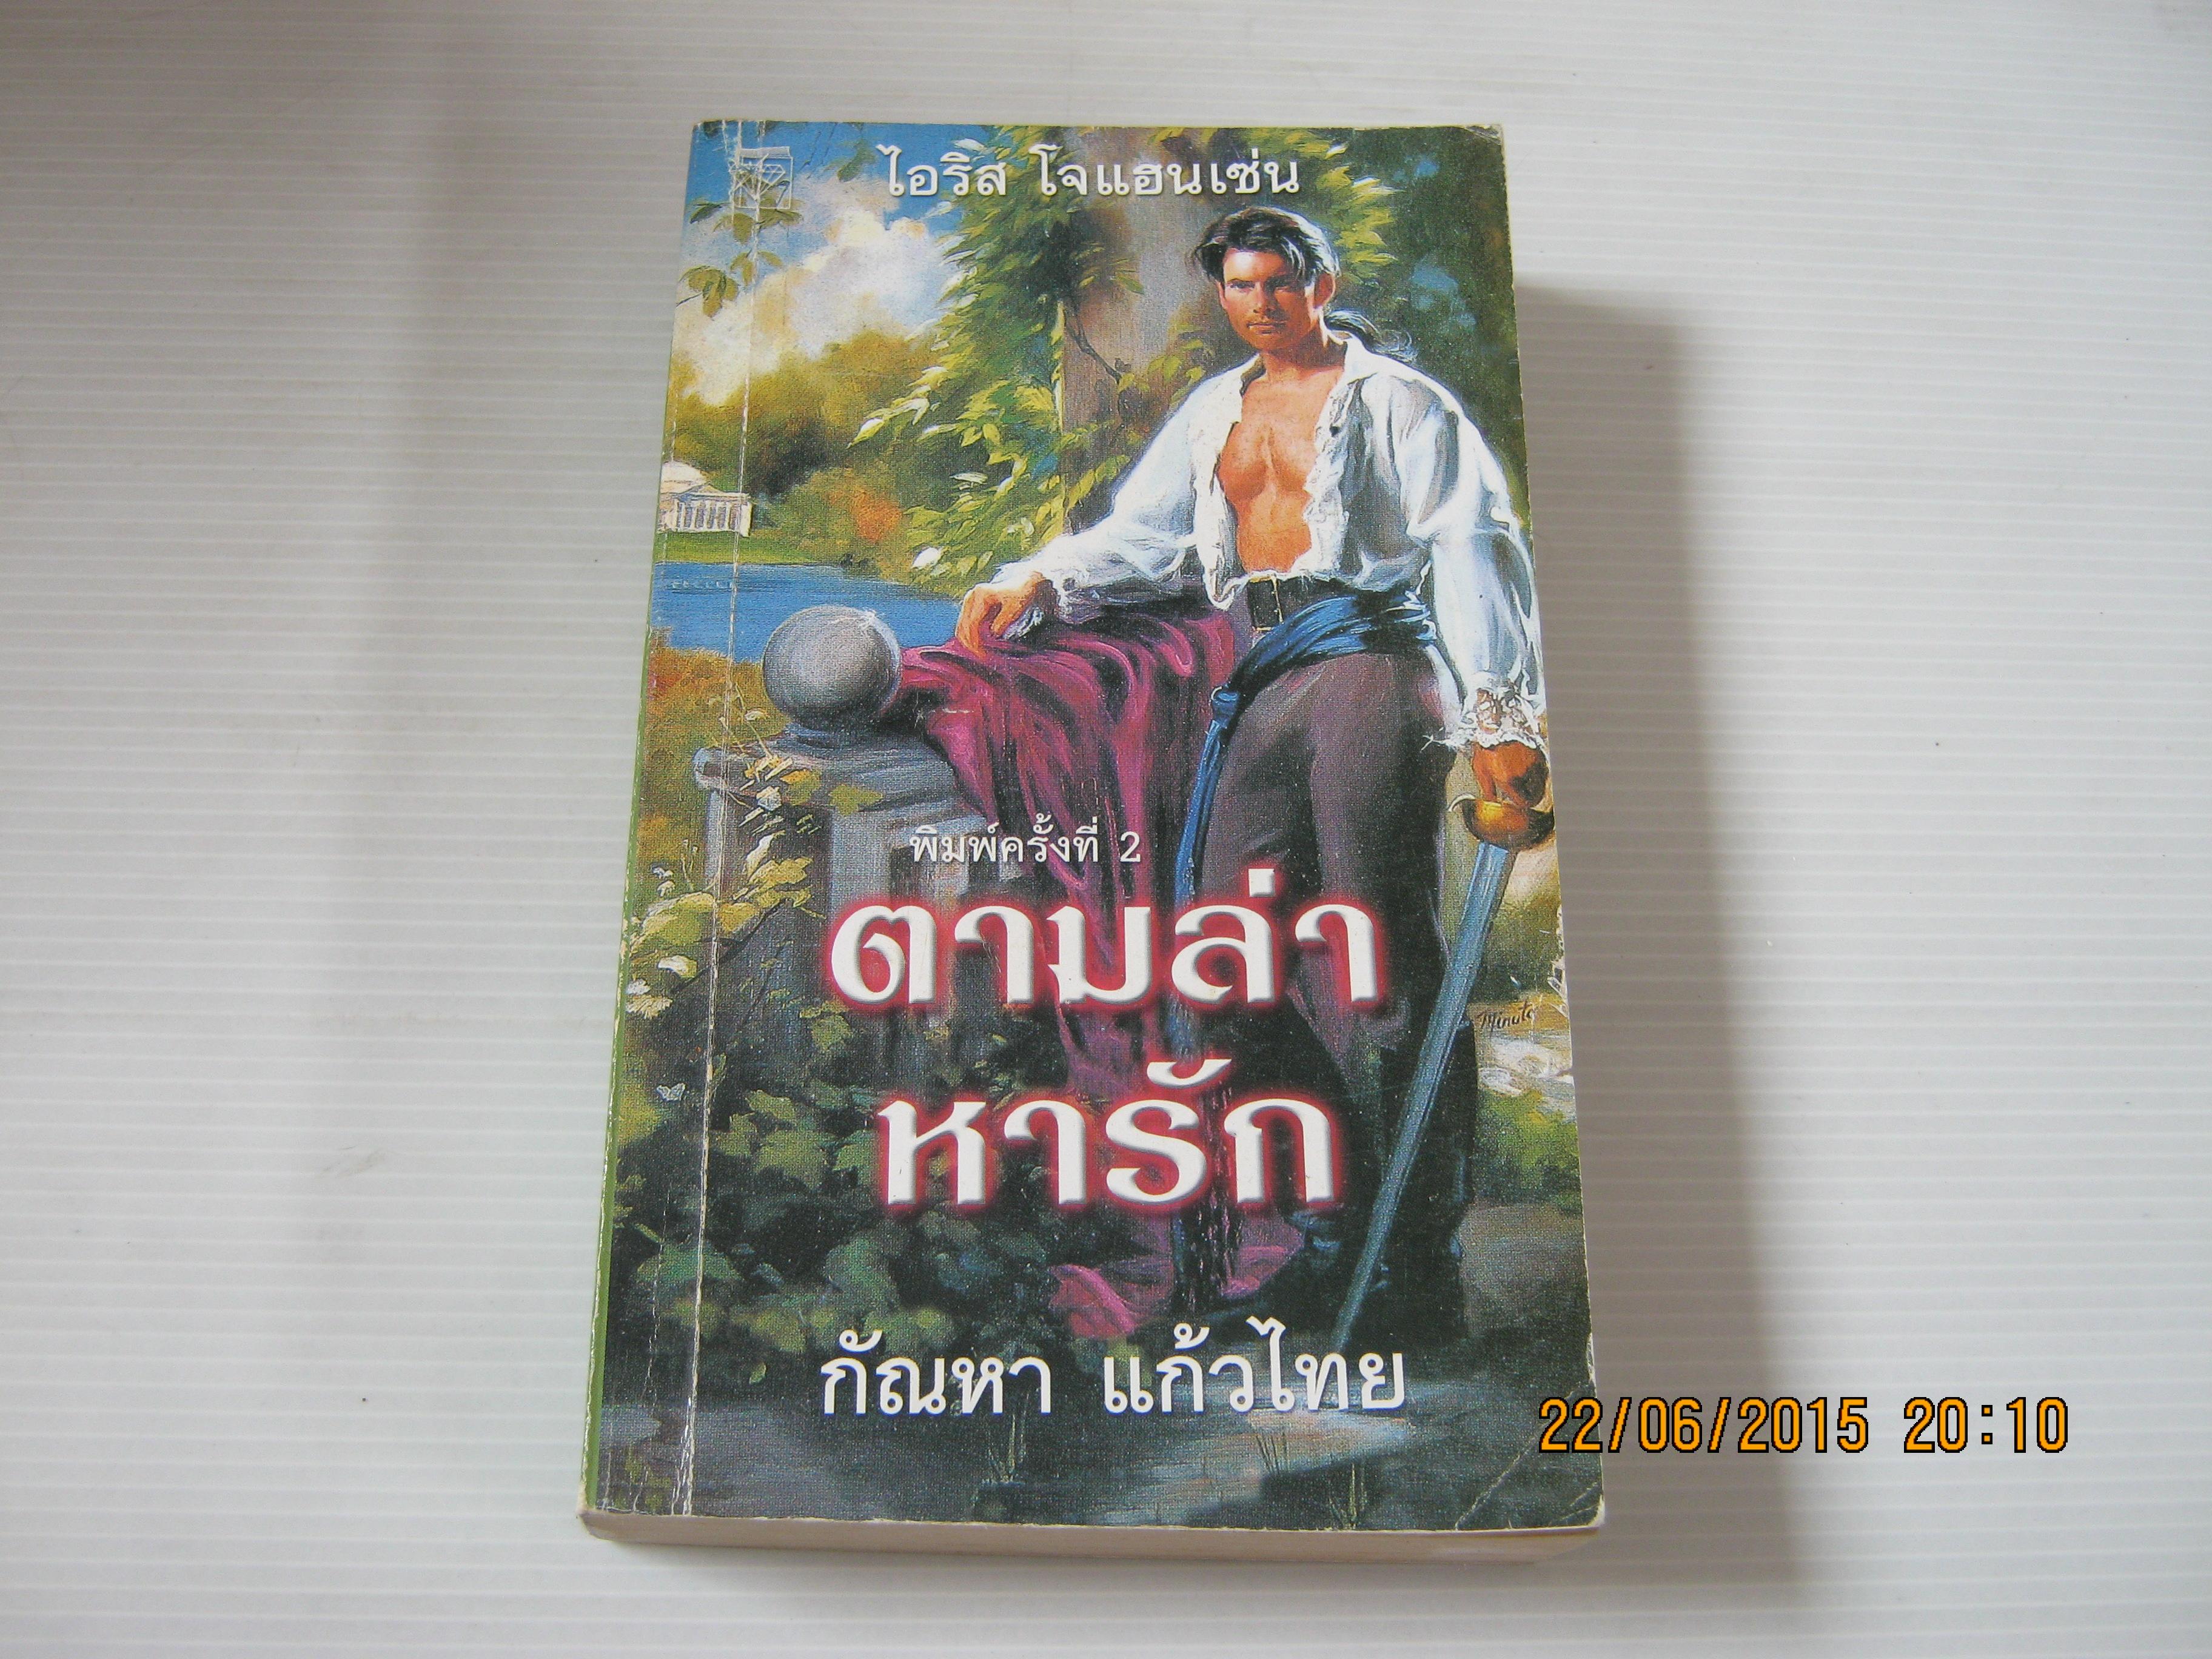 ตามล่าหารัก พิมพ์ครั้งที่ 2 ไอริส โจแฮนเซ่น เขียน กัณหา แก้วไทย แปล